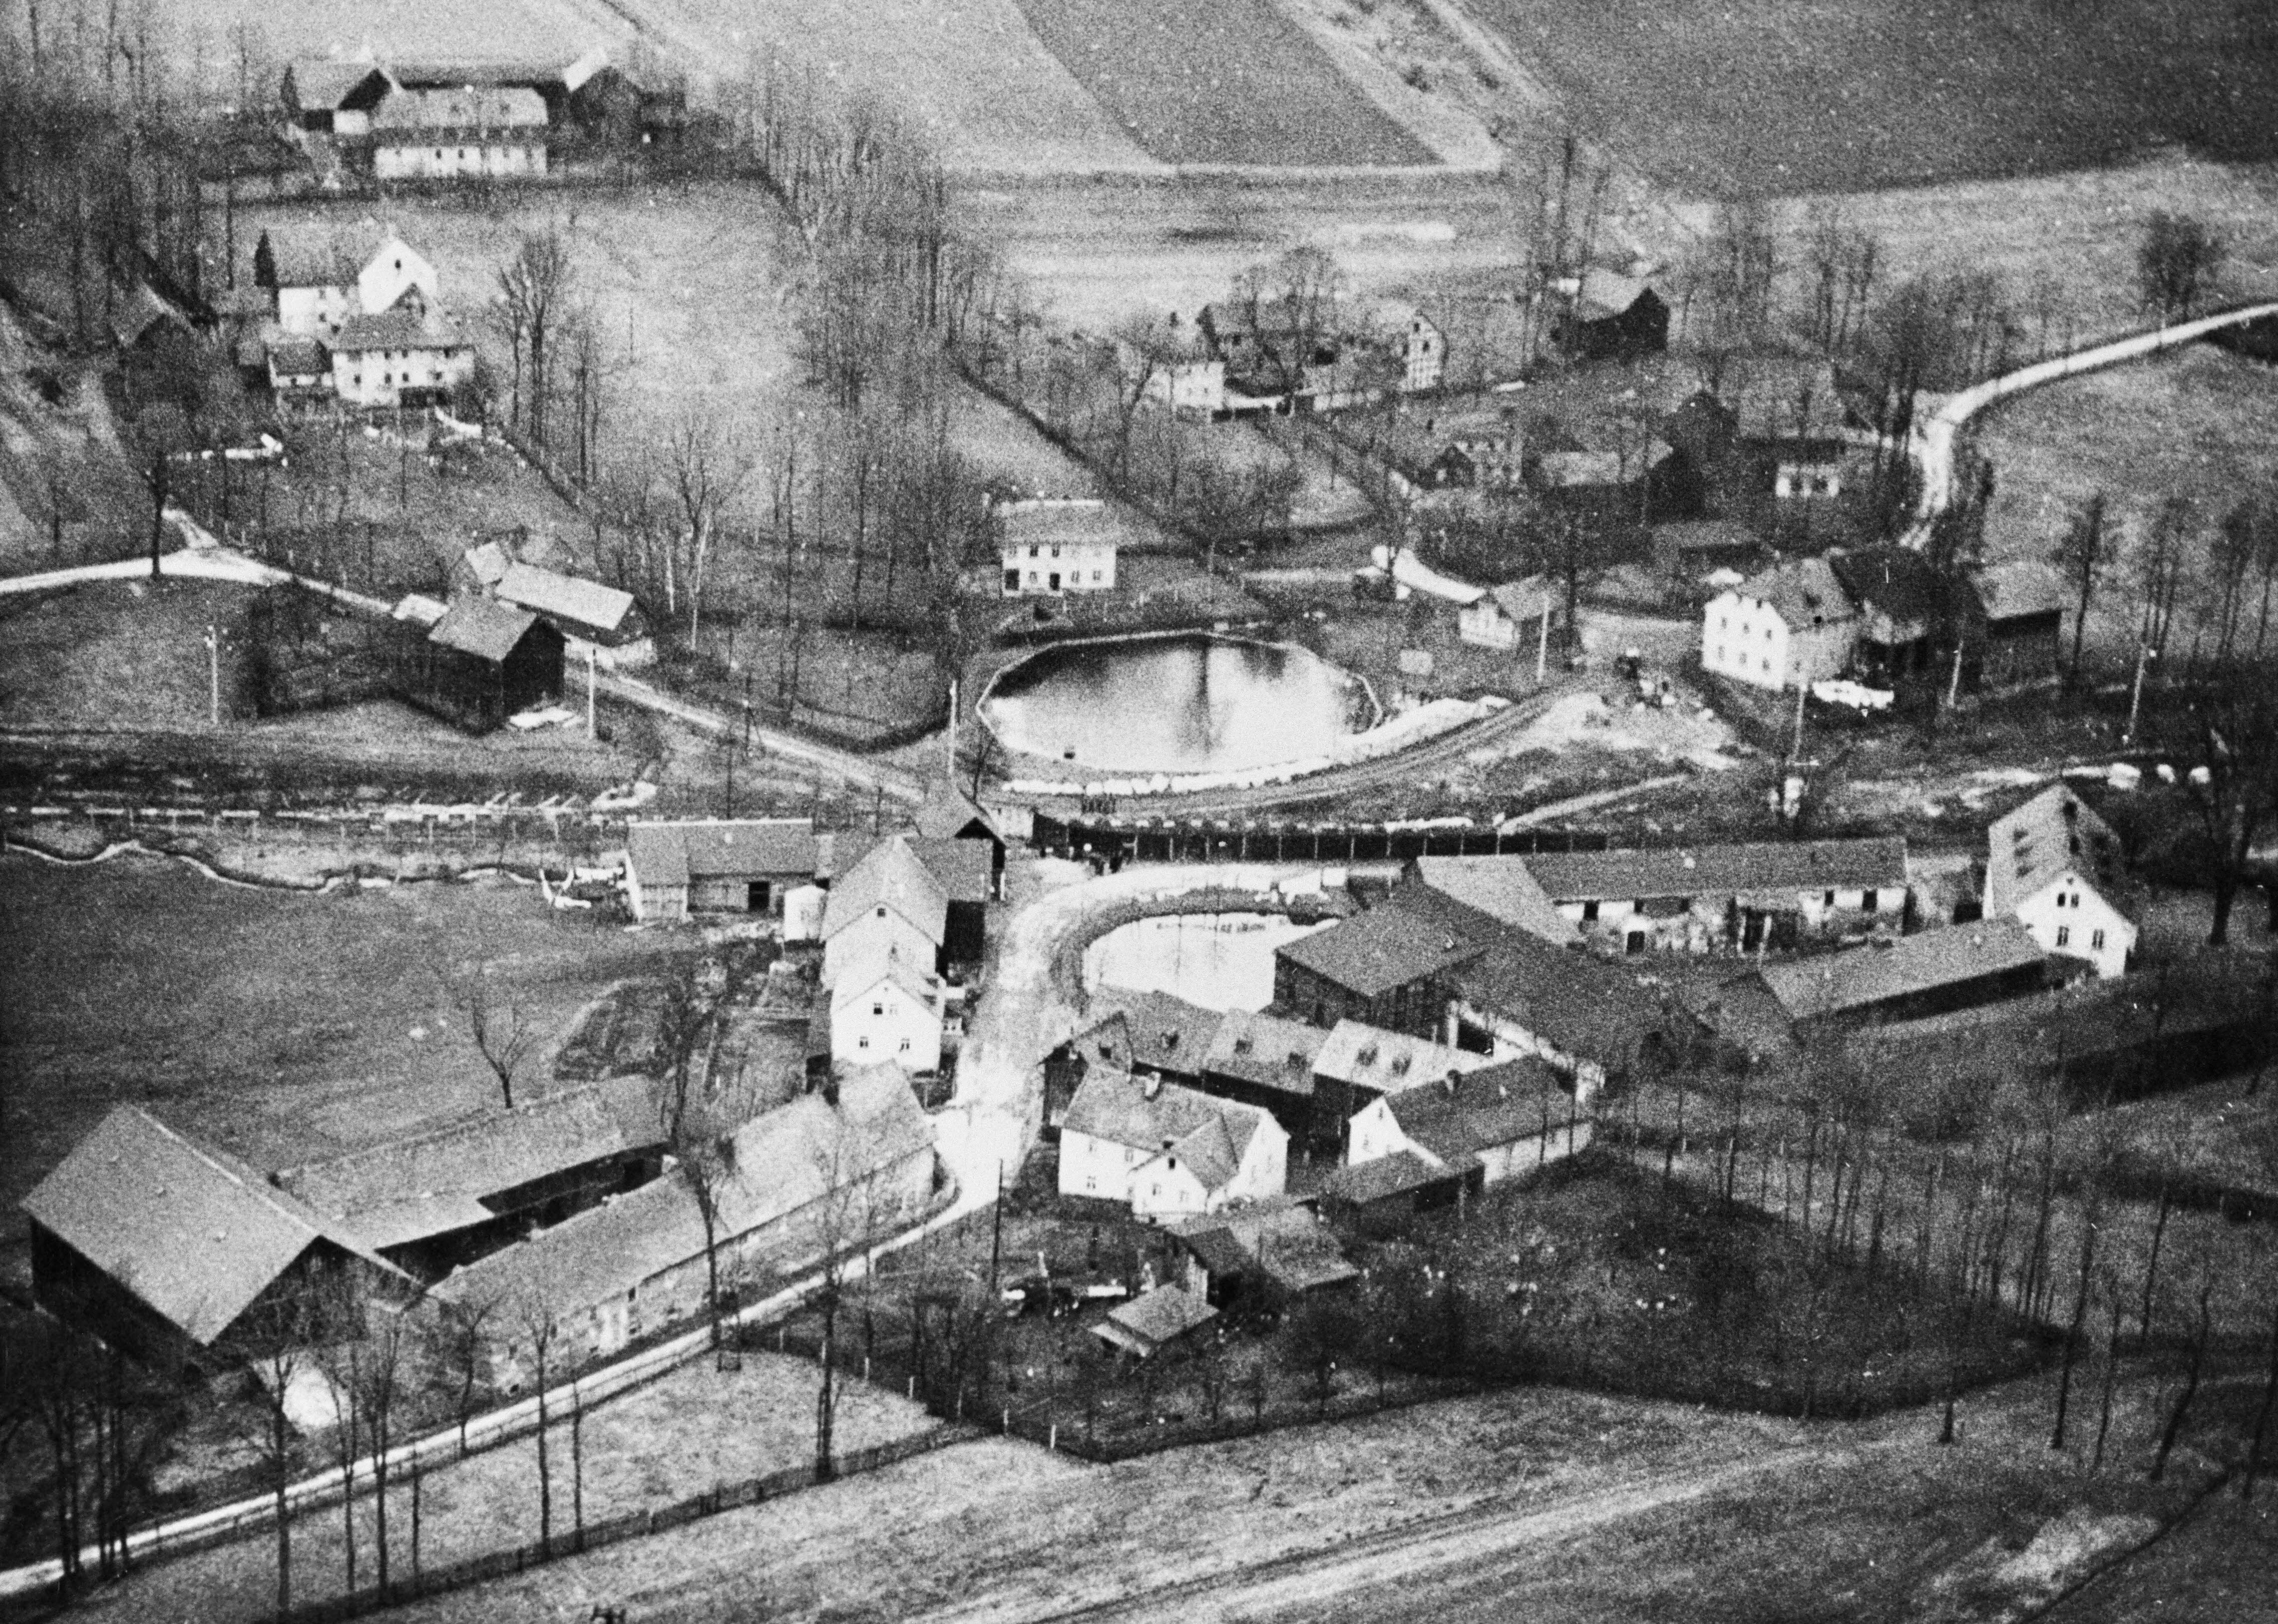 柏林圍牆將千千萬萬的德國家庭分隔開來,有人再也無法上班,更多家庭被撕裂。(Getty Images)